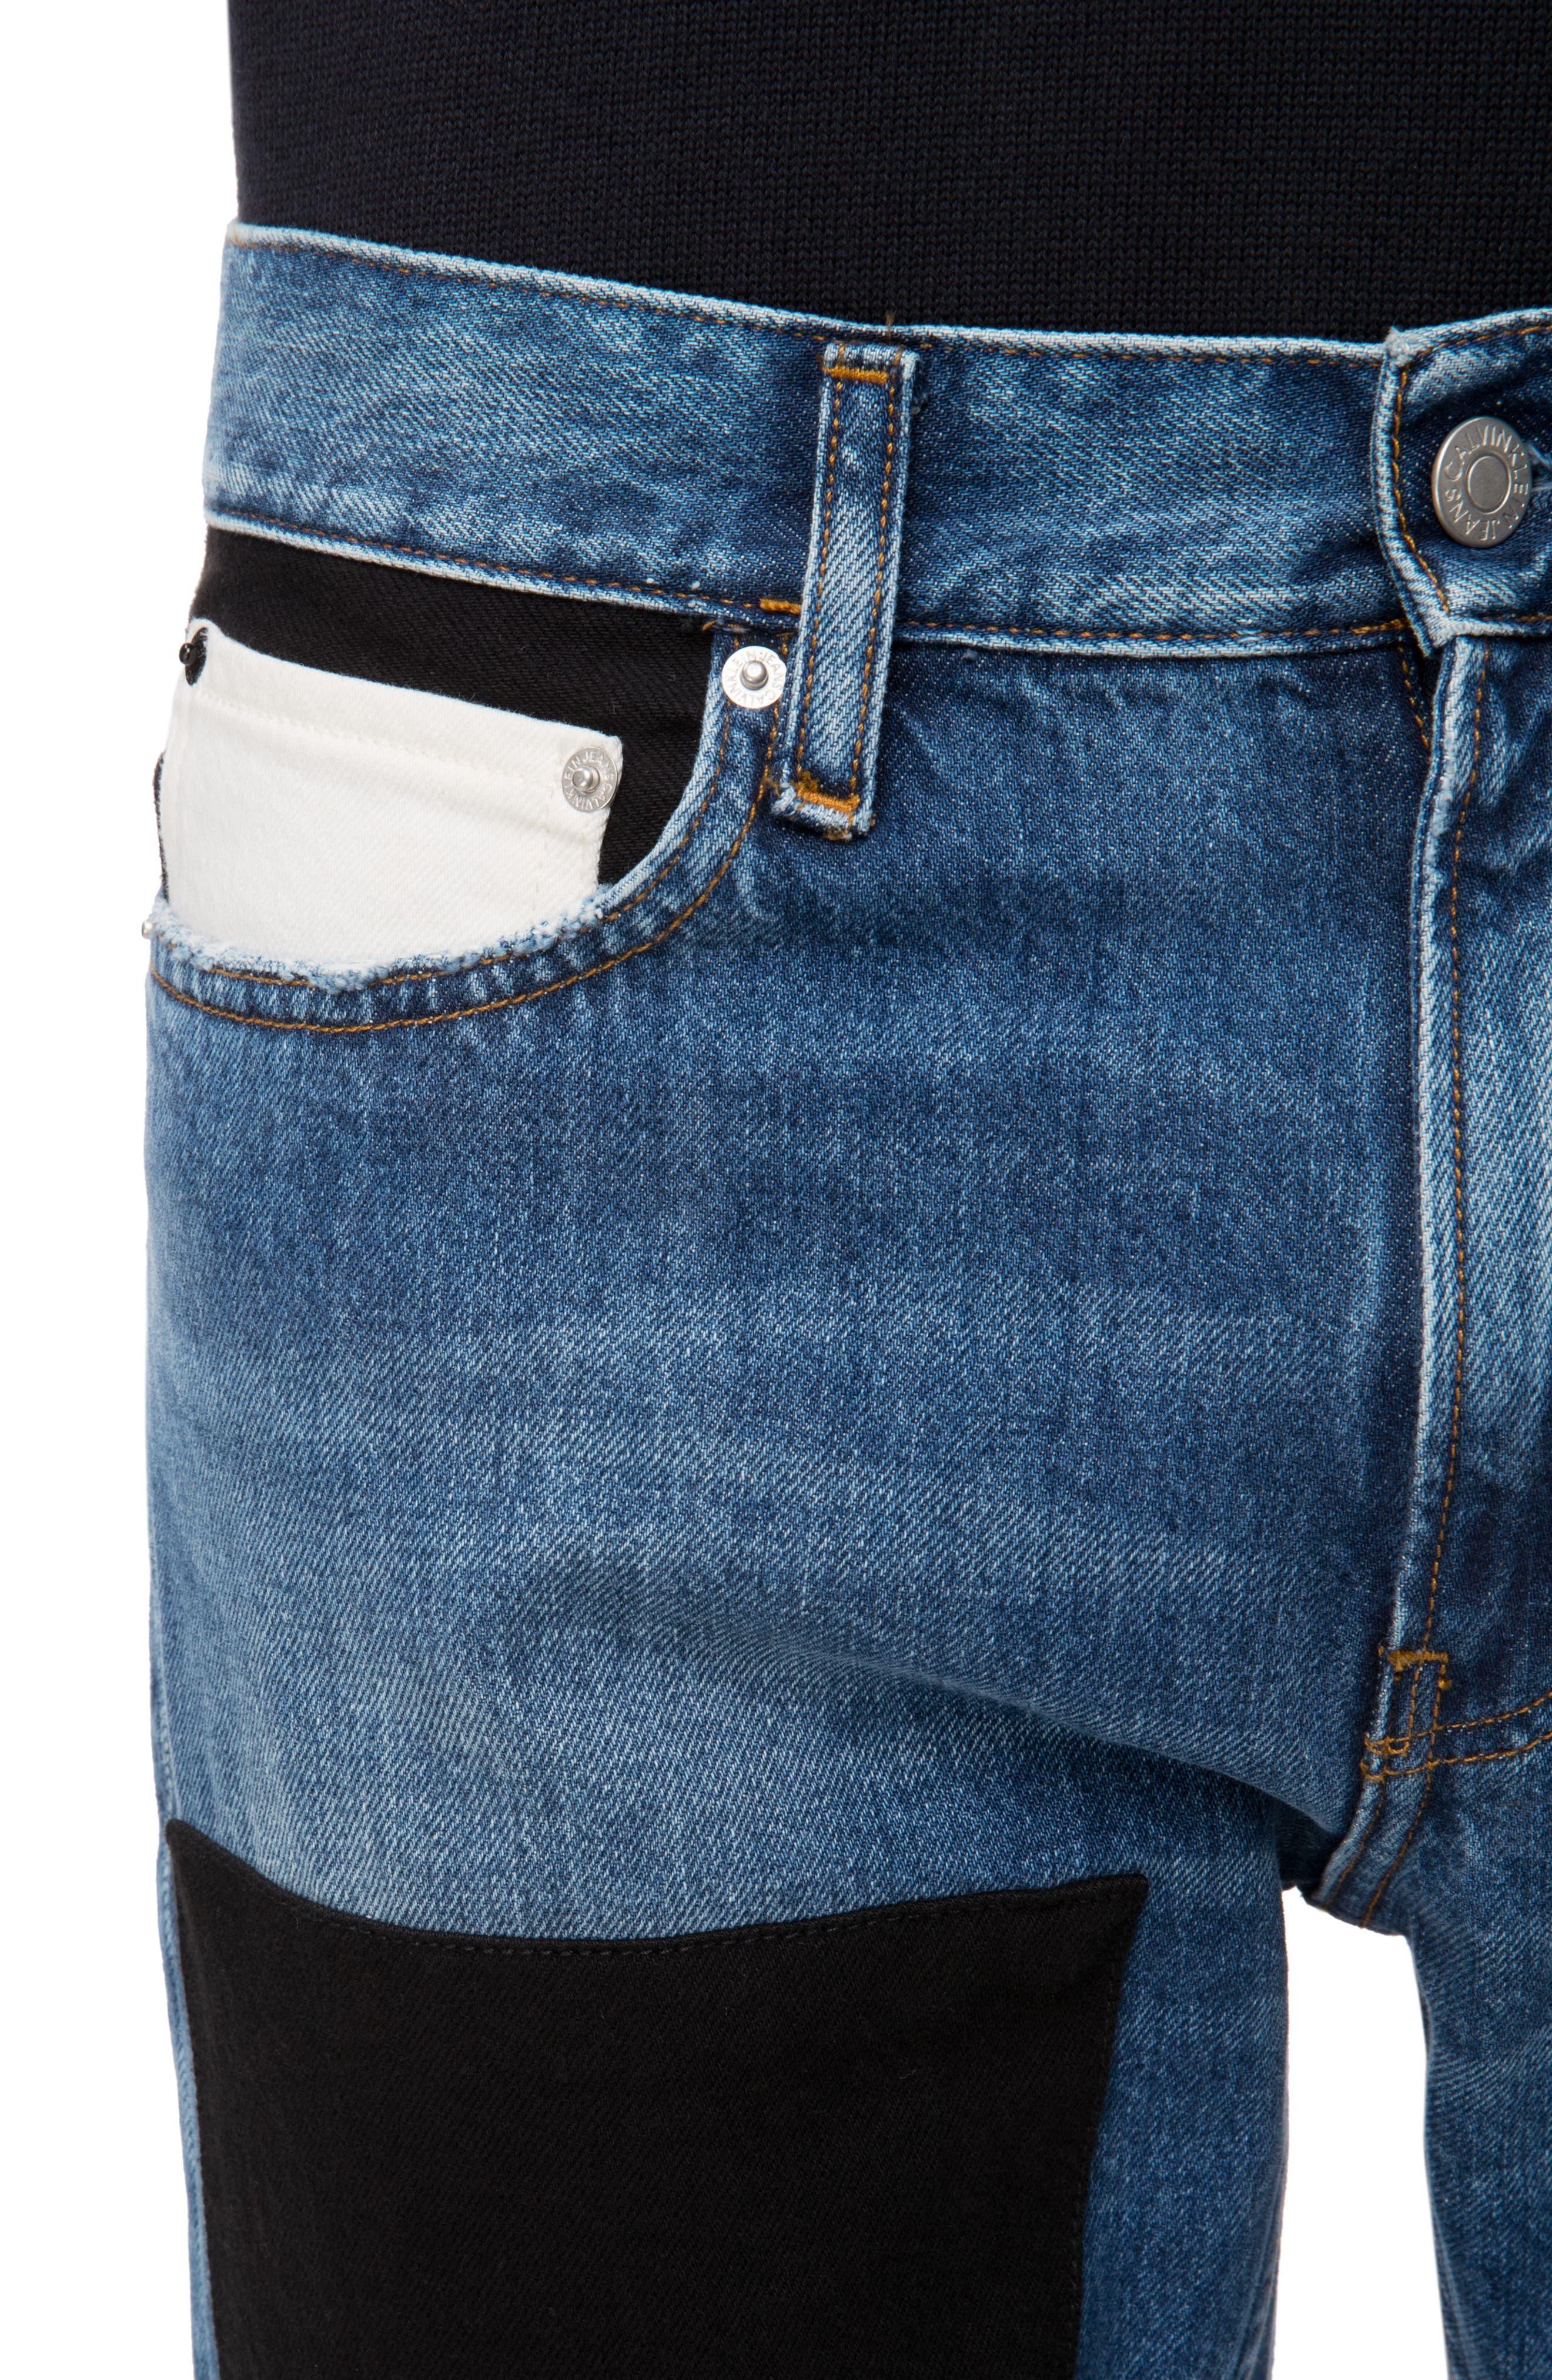 Slim Fit Colorblock Jeans,                             Alternate thumbnail 3, color,                             400